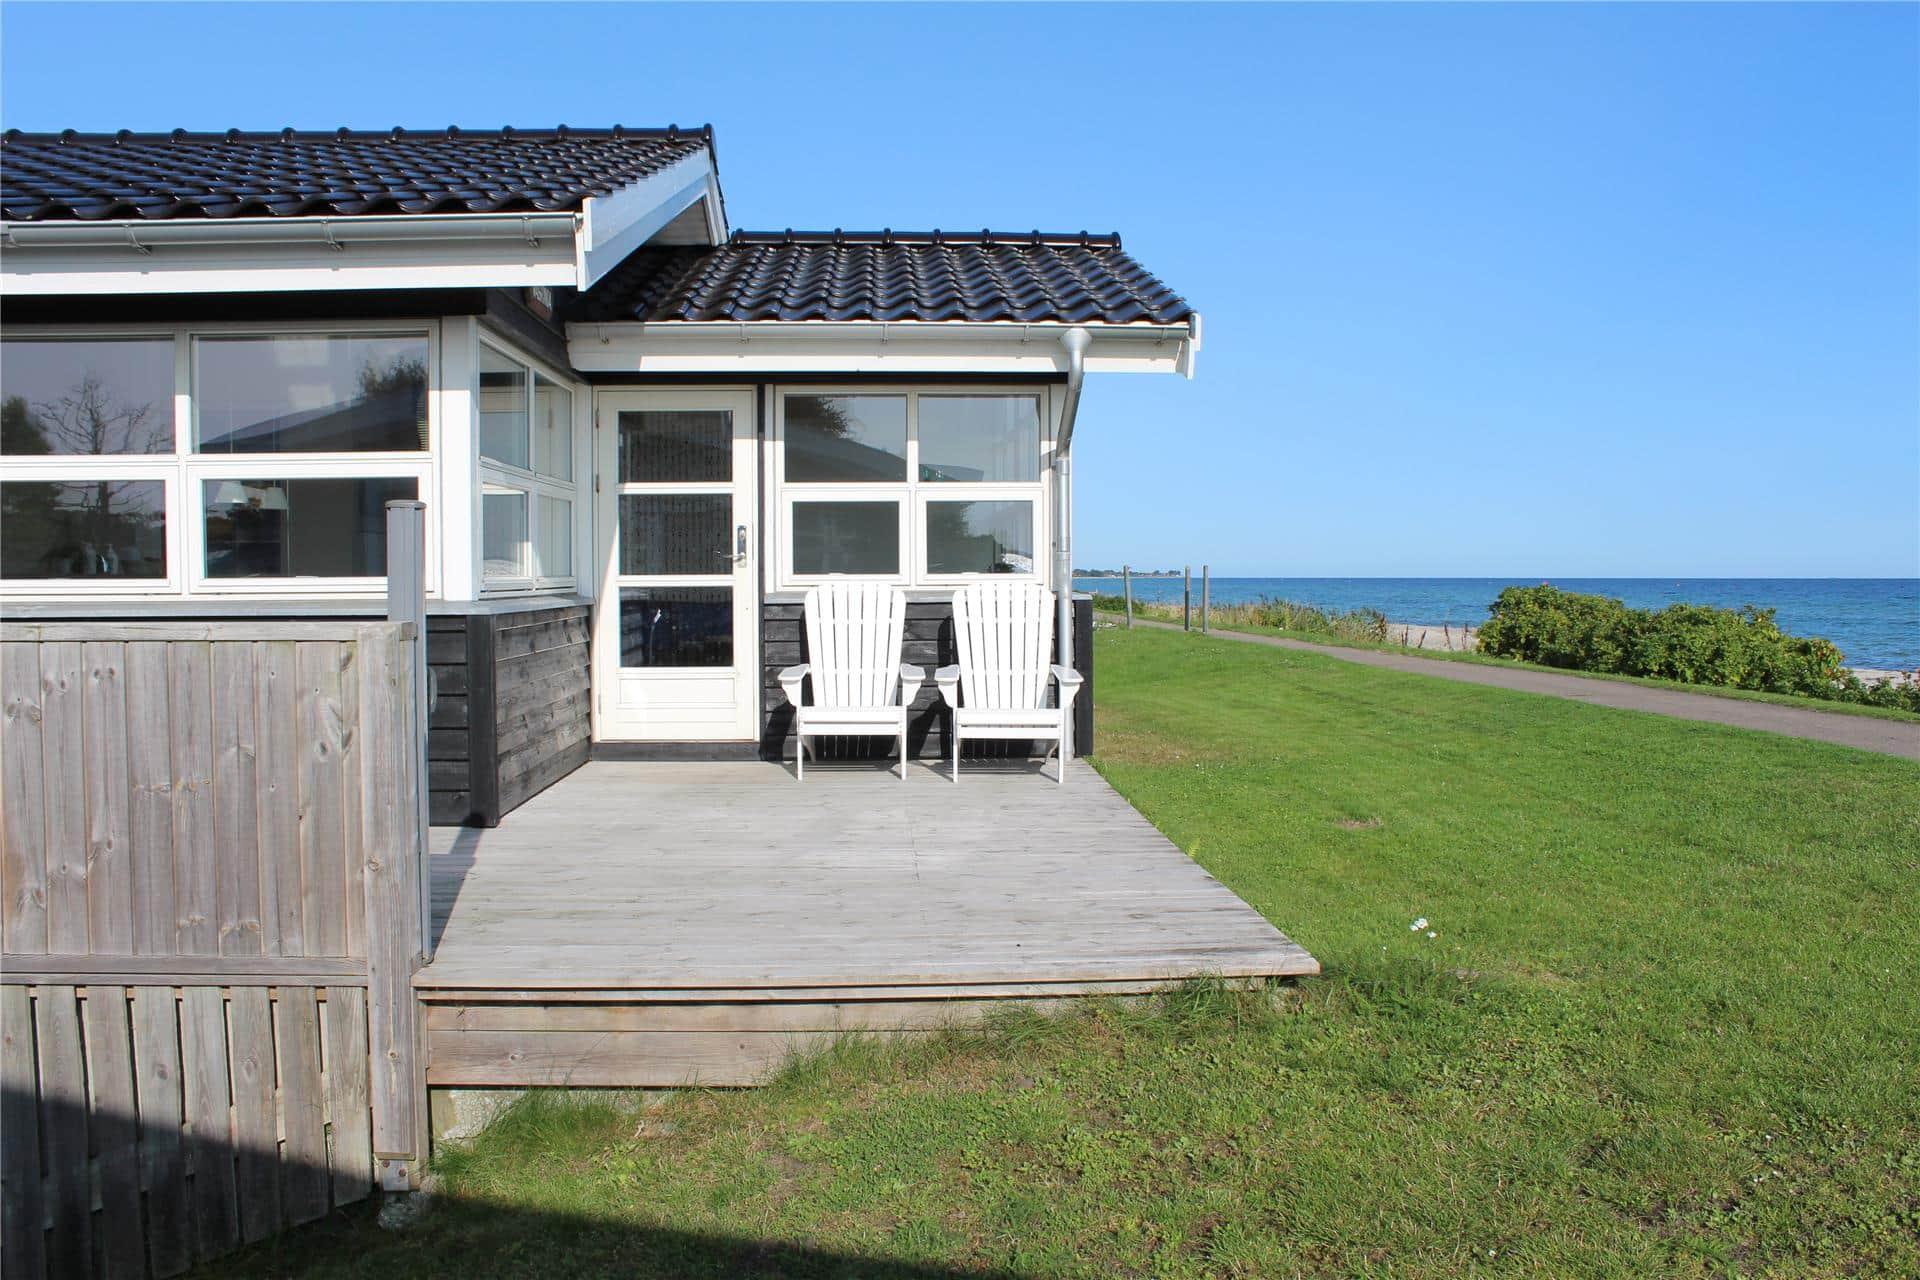 Billede 1-3 Sommerhus M64564, Østre Strandvej 252, DK - 5450 Otterup